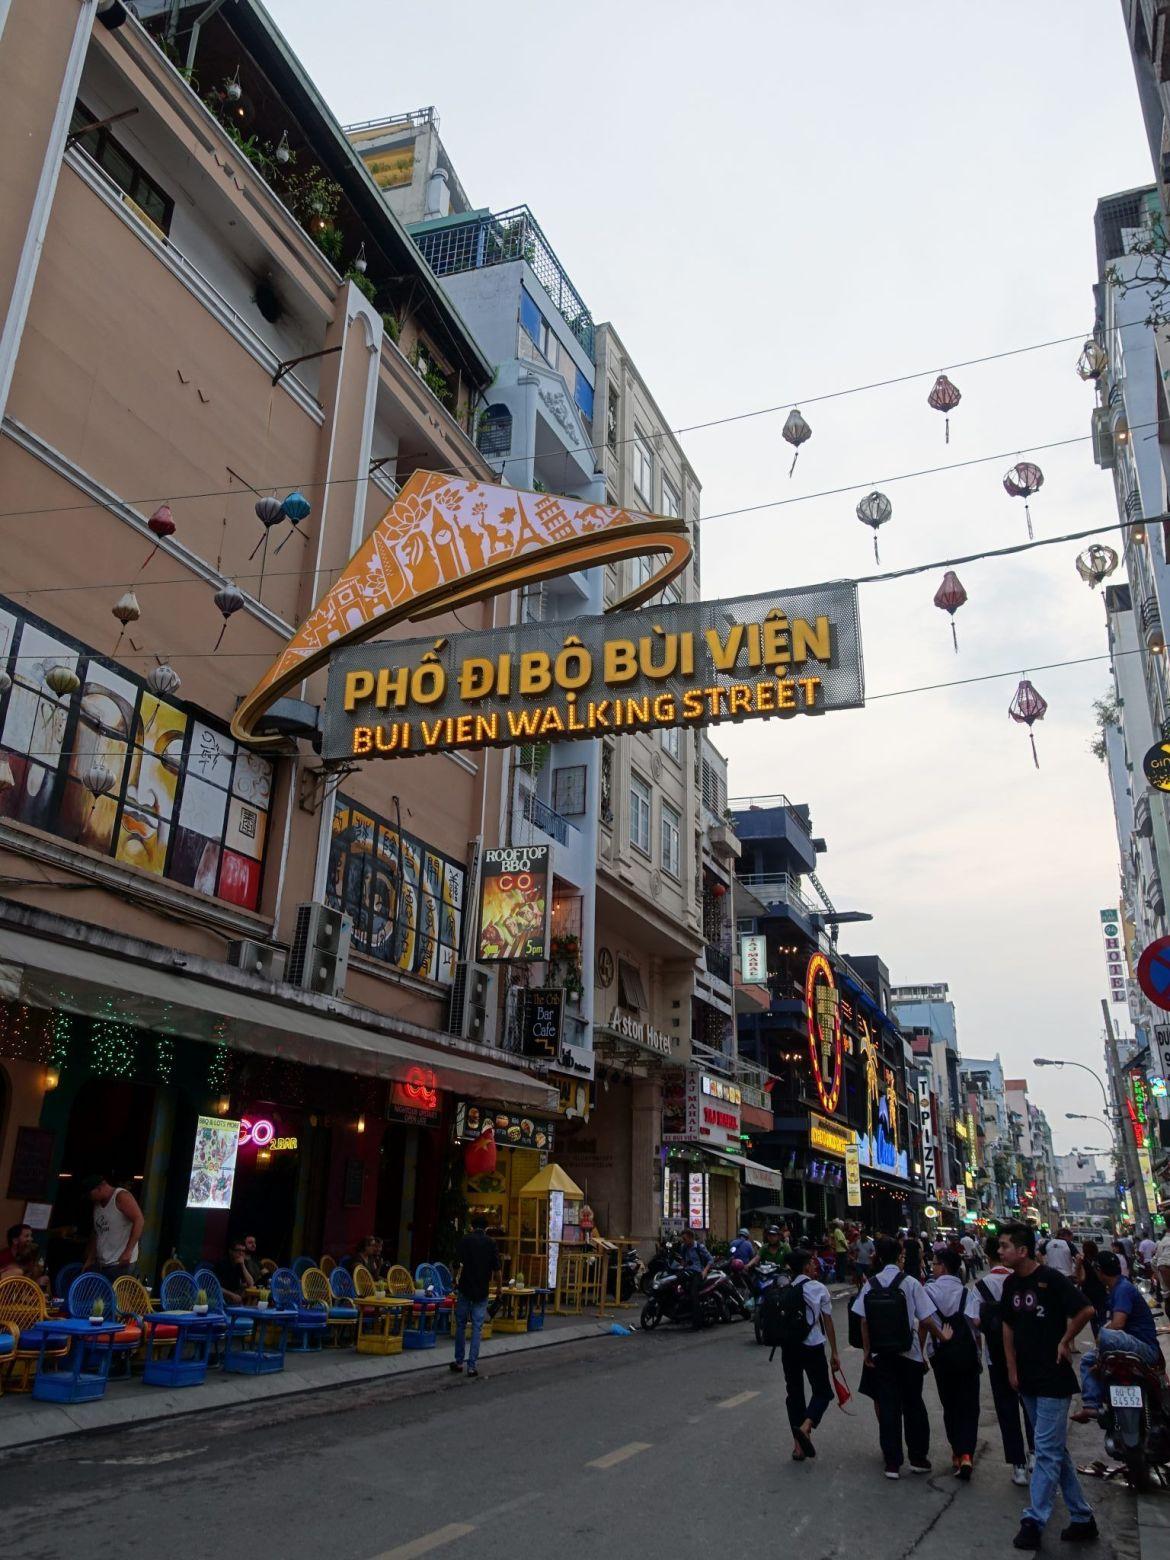 Qué ver y hacer en Ho Chi Minh: Calle Bui Vien.